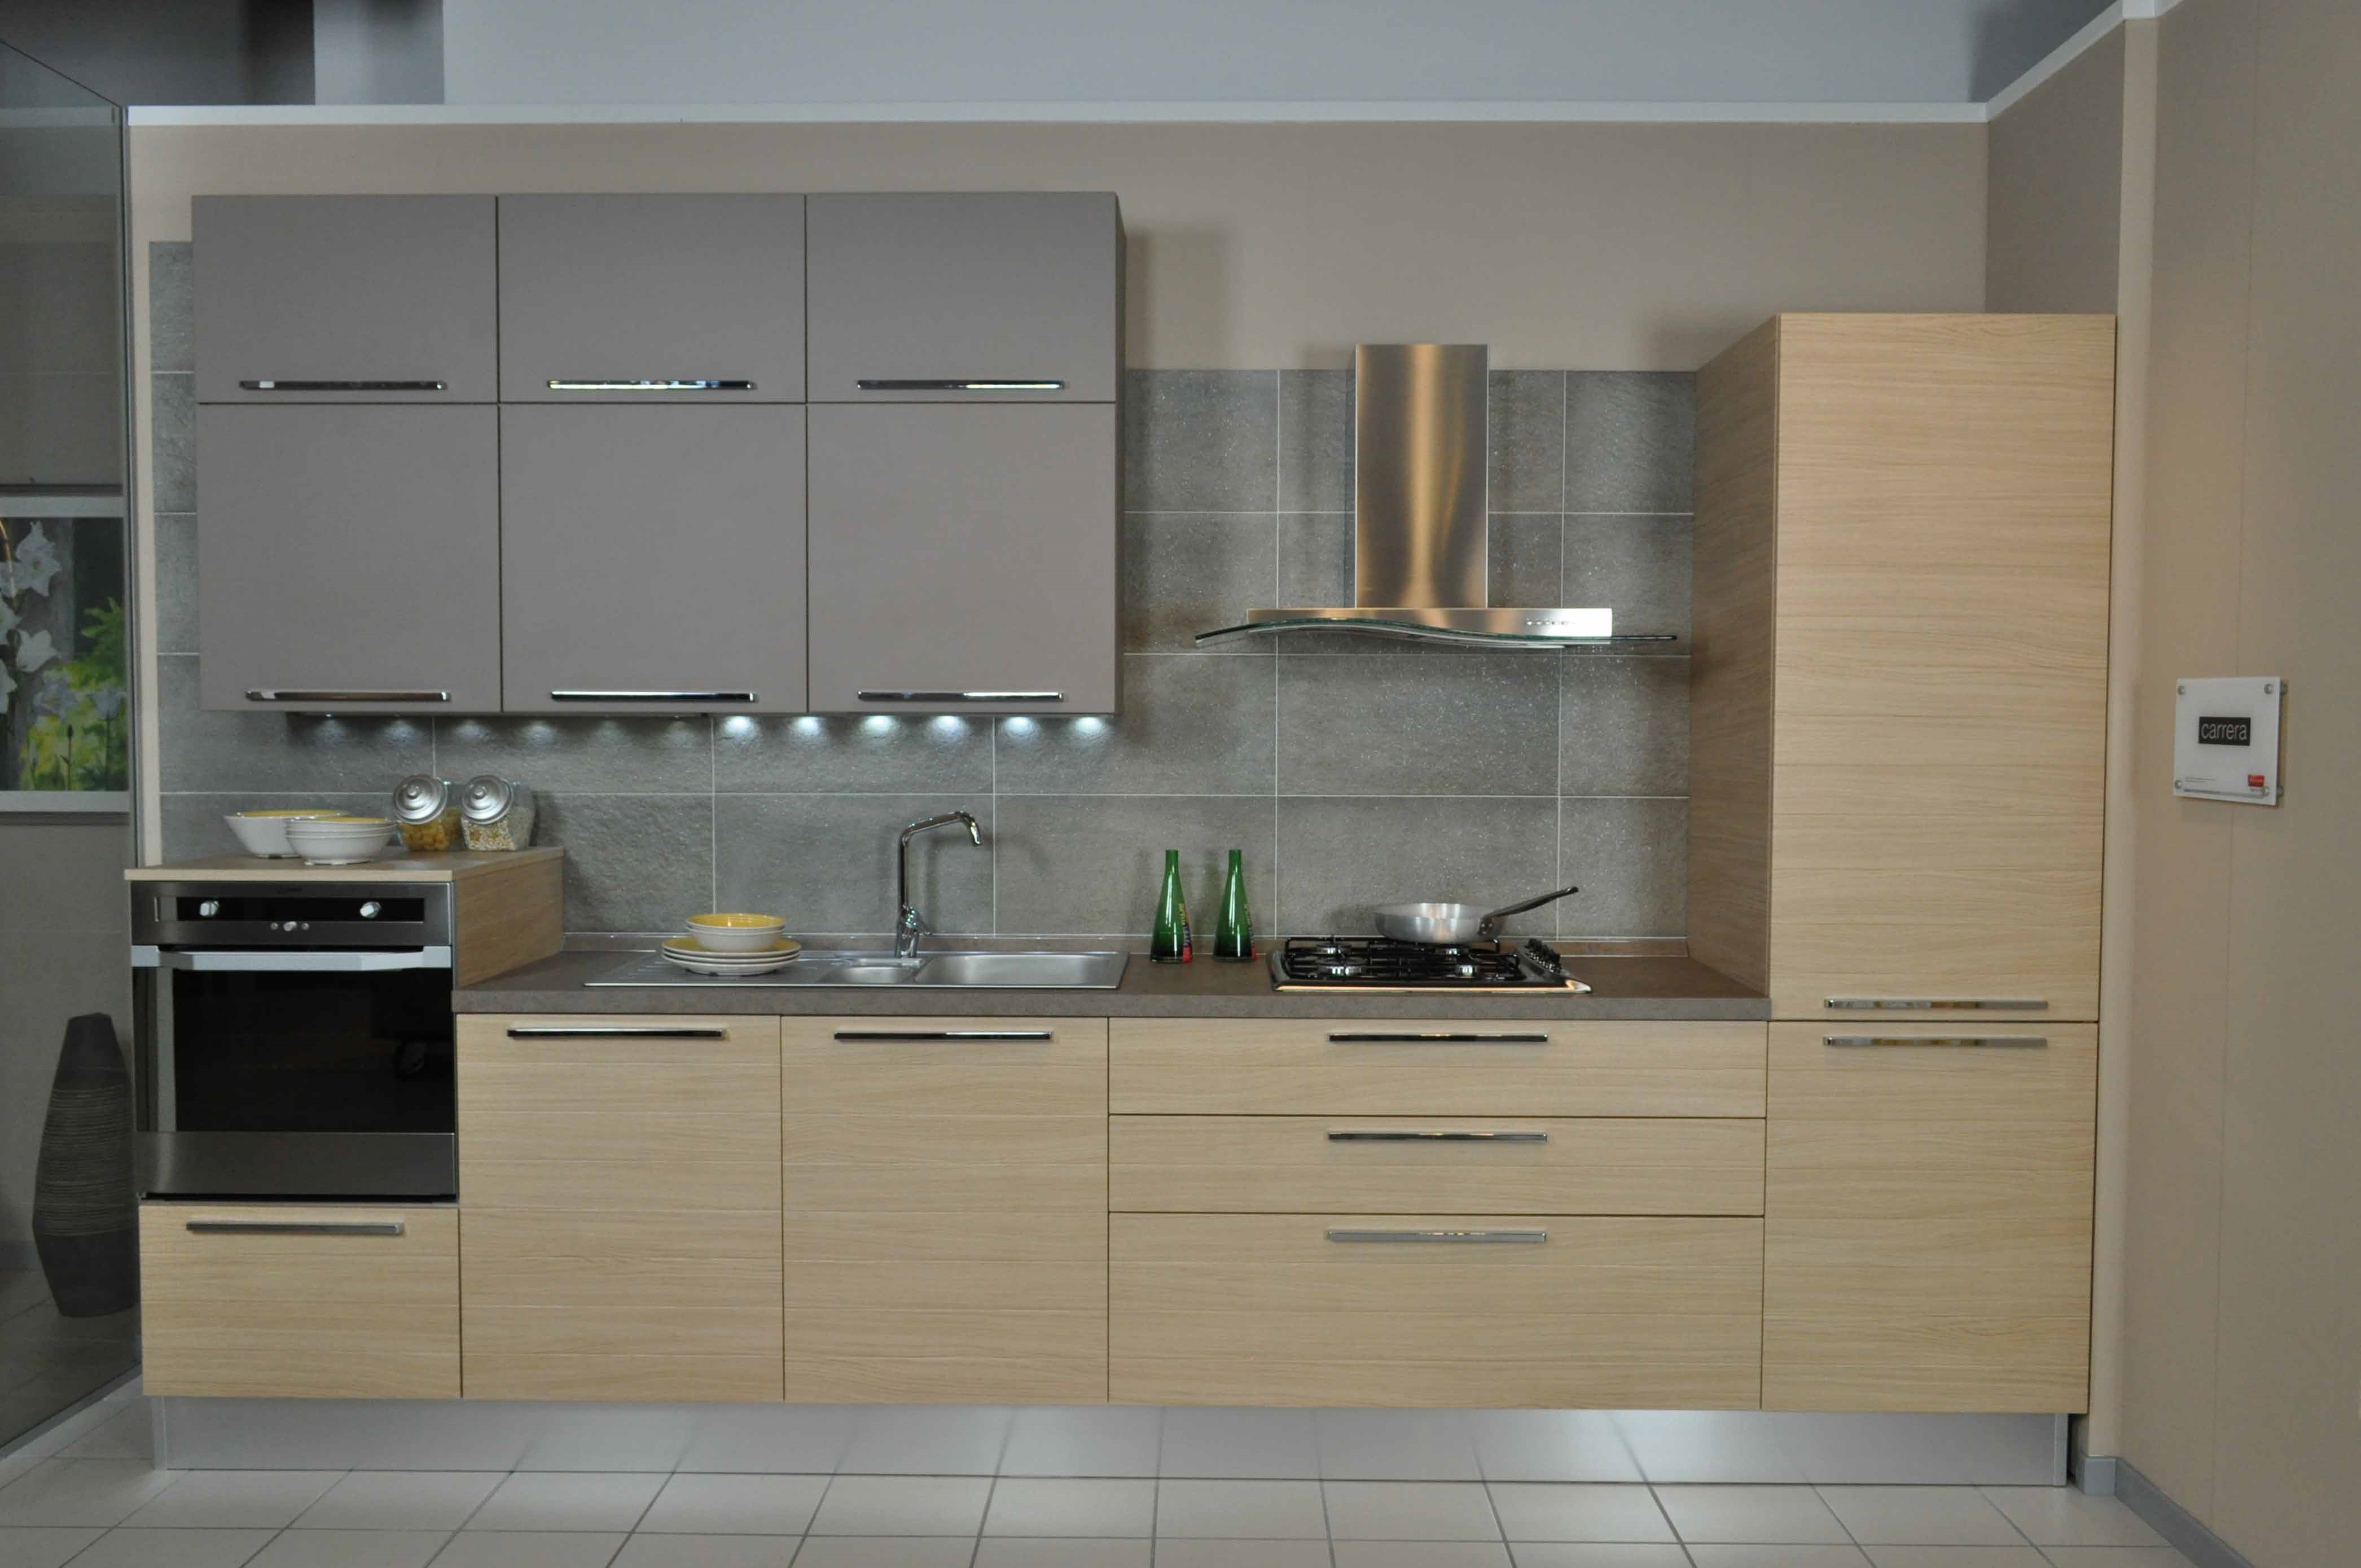 Veneta Cucine Modello Carrera Doghe Completa Di Elettrodomestici E  #7D694E 4184 2779 Veneta Cucine O Aran